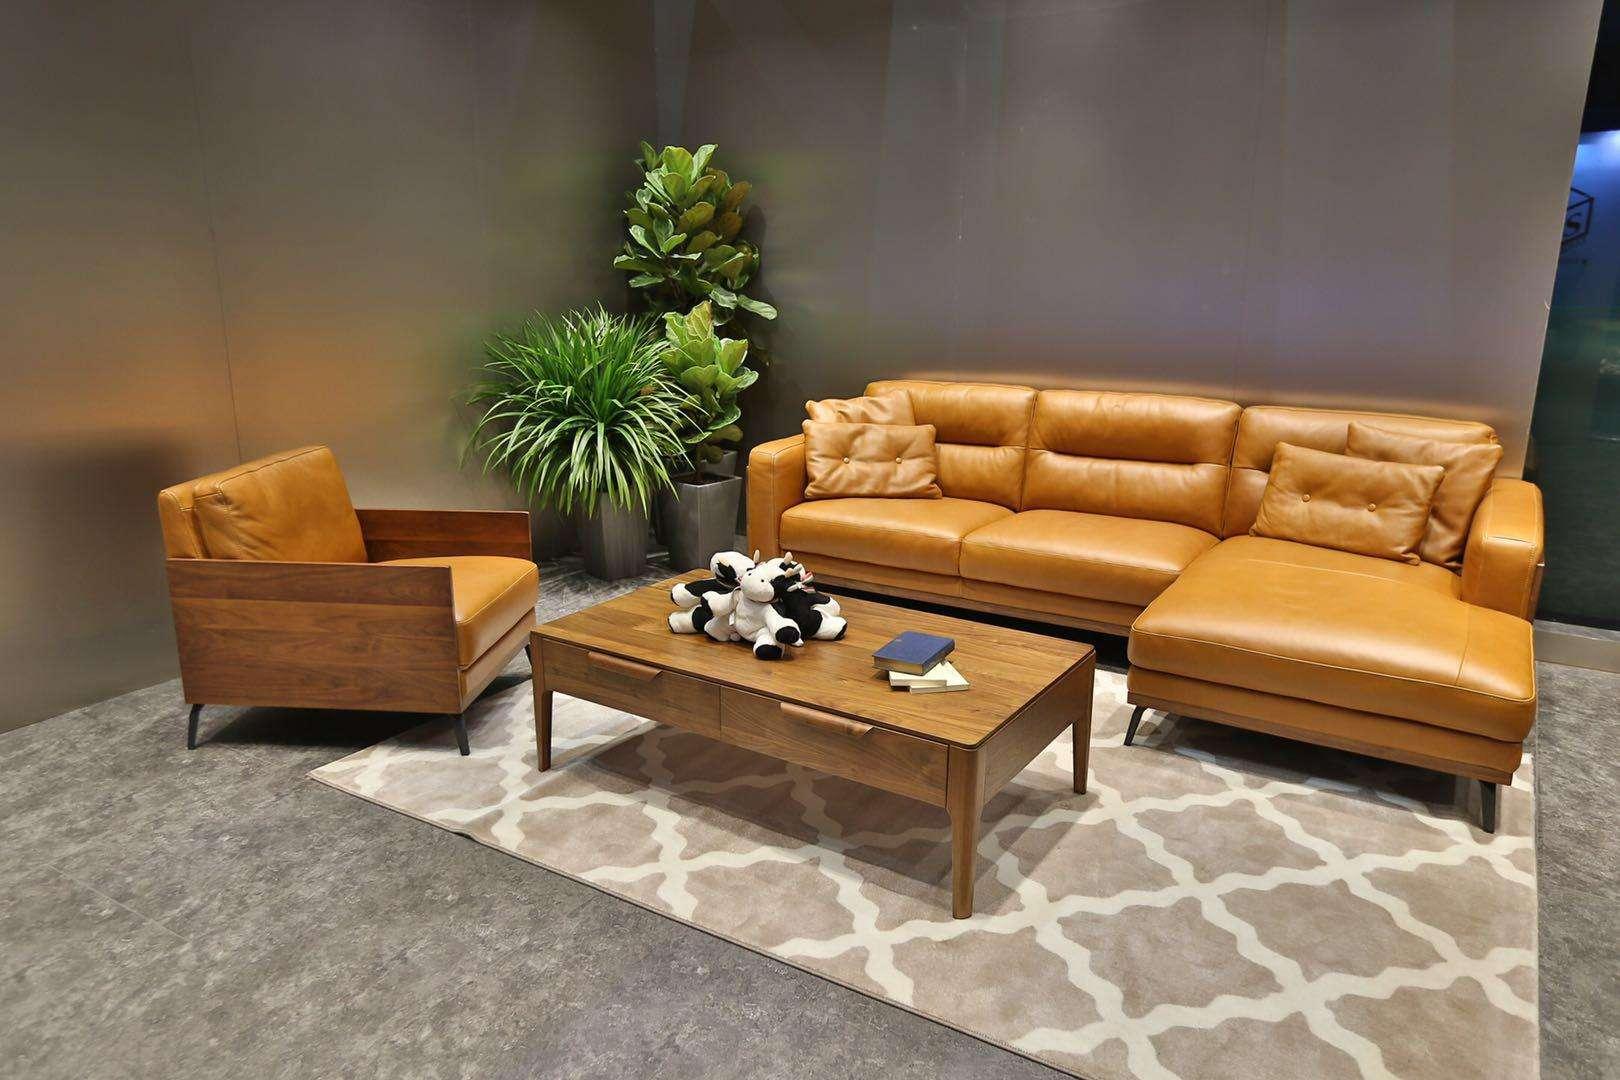 真皮沙发保养技巧 如何清洁真皮沙发